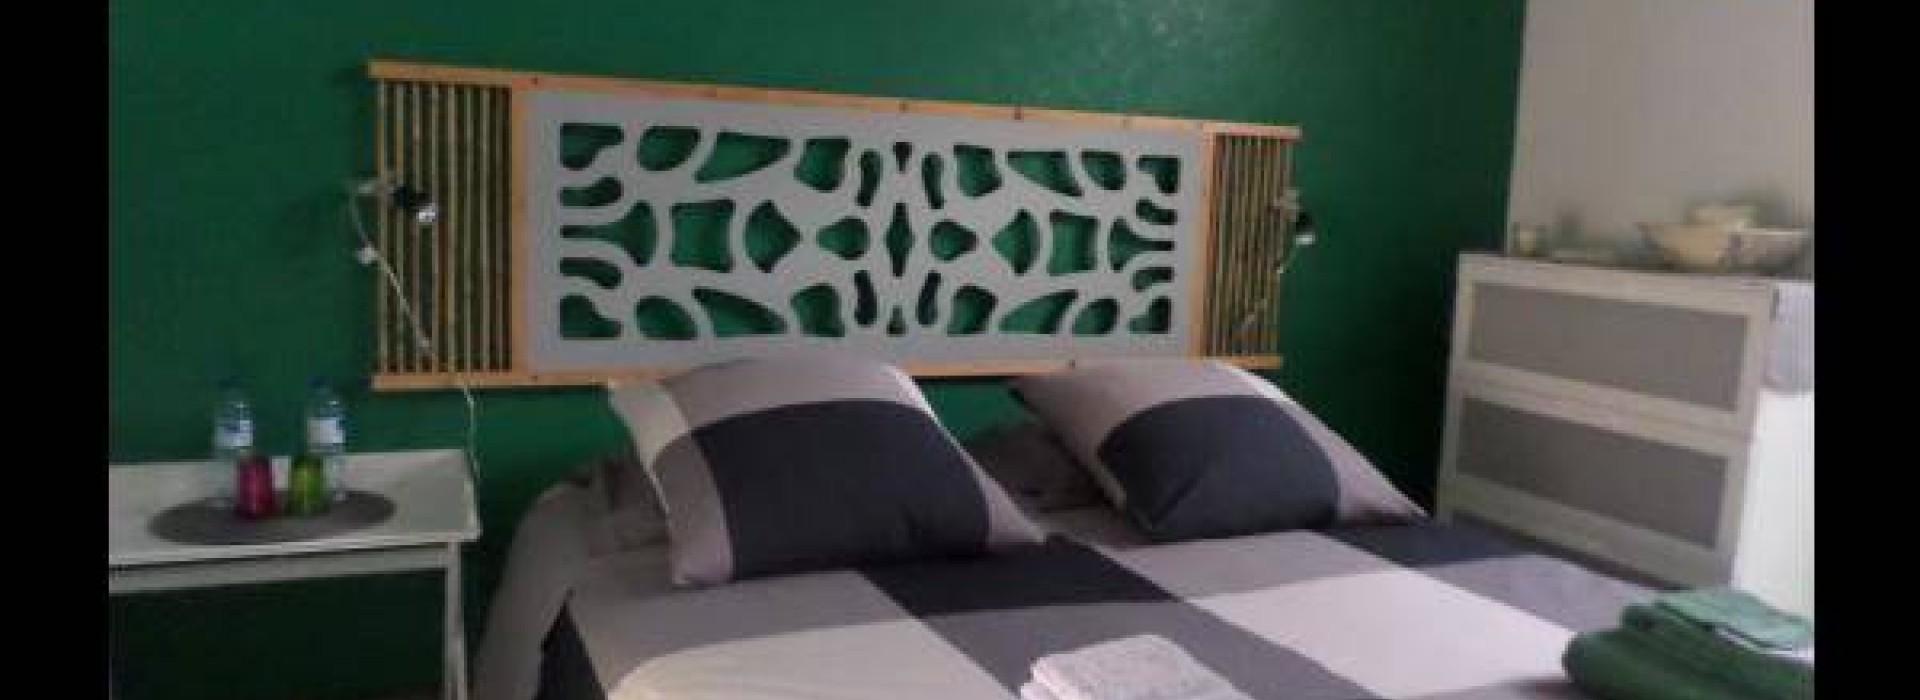 Chambre d 39 hote le havre de pe g stezimmer frankreich - Chambre d hote le havre ...